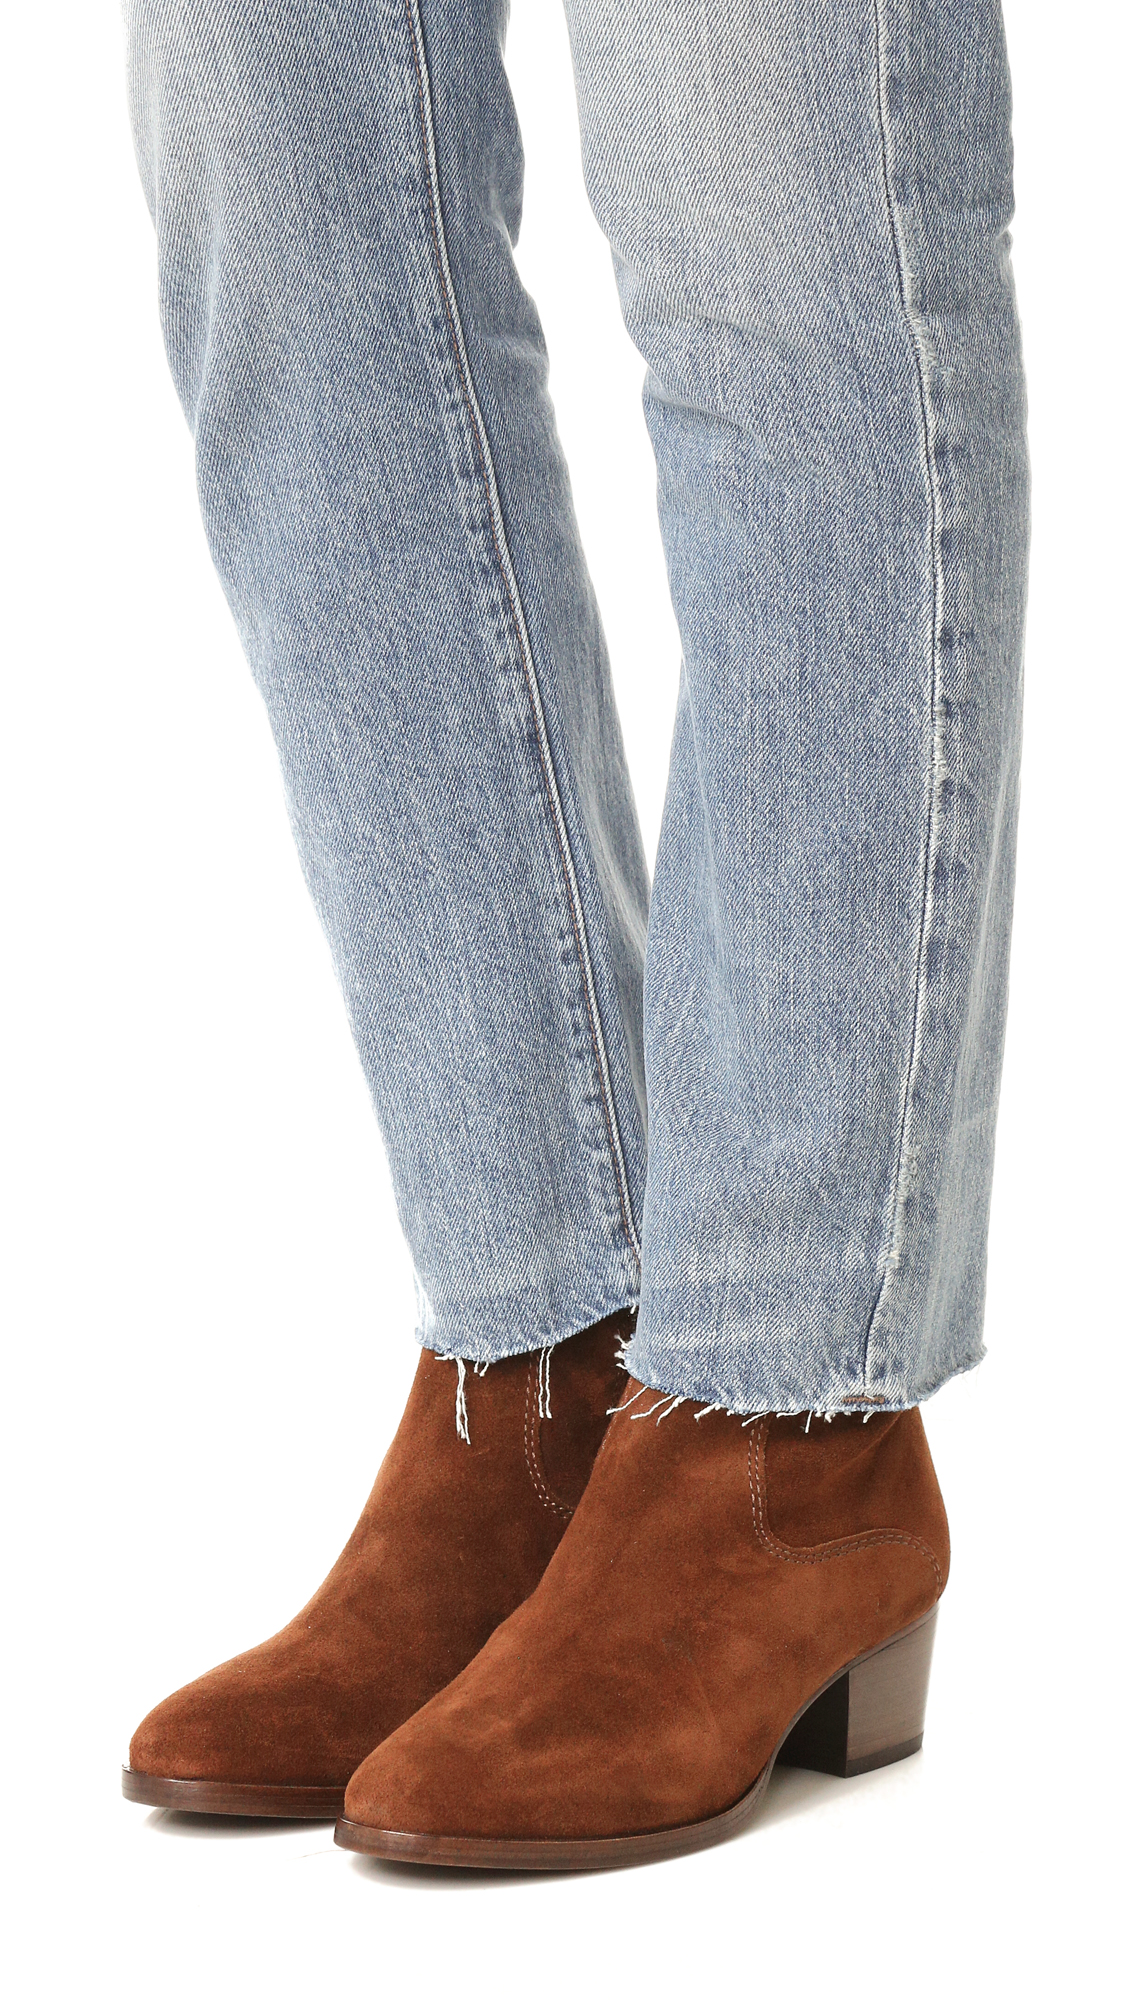 5c7edc7f398 Frye Clara Zip Short Booties